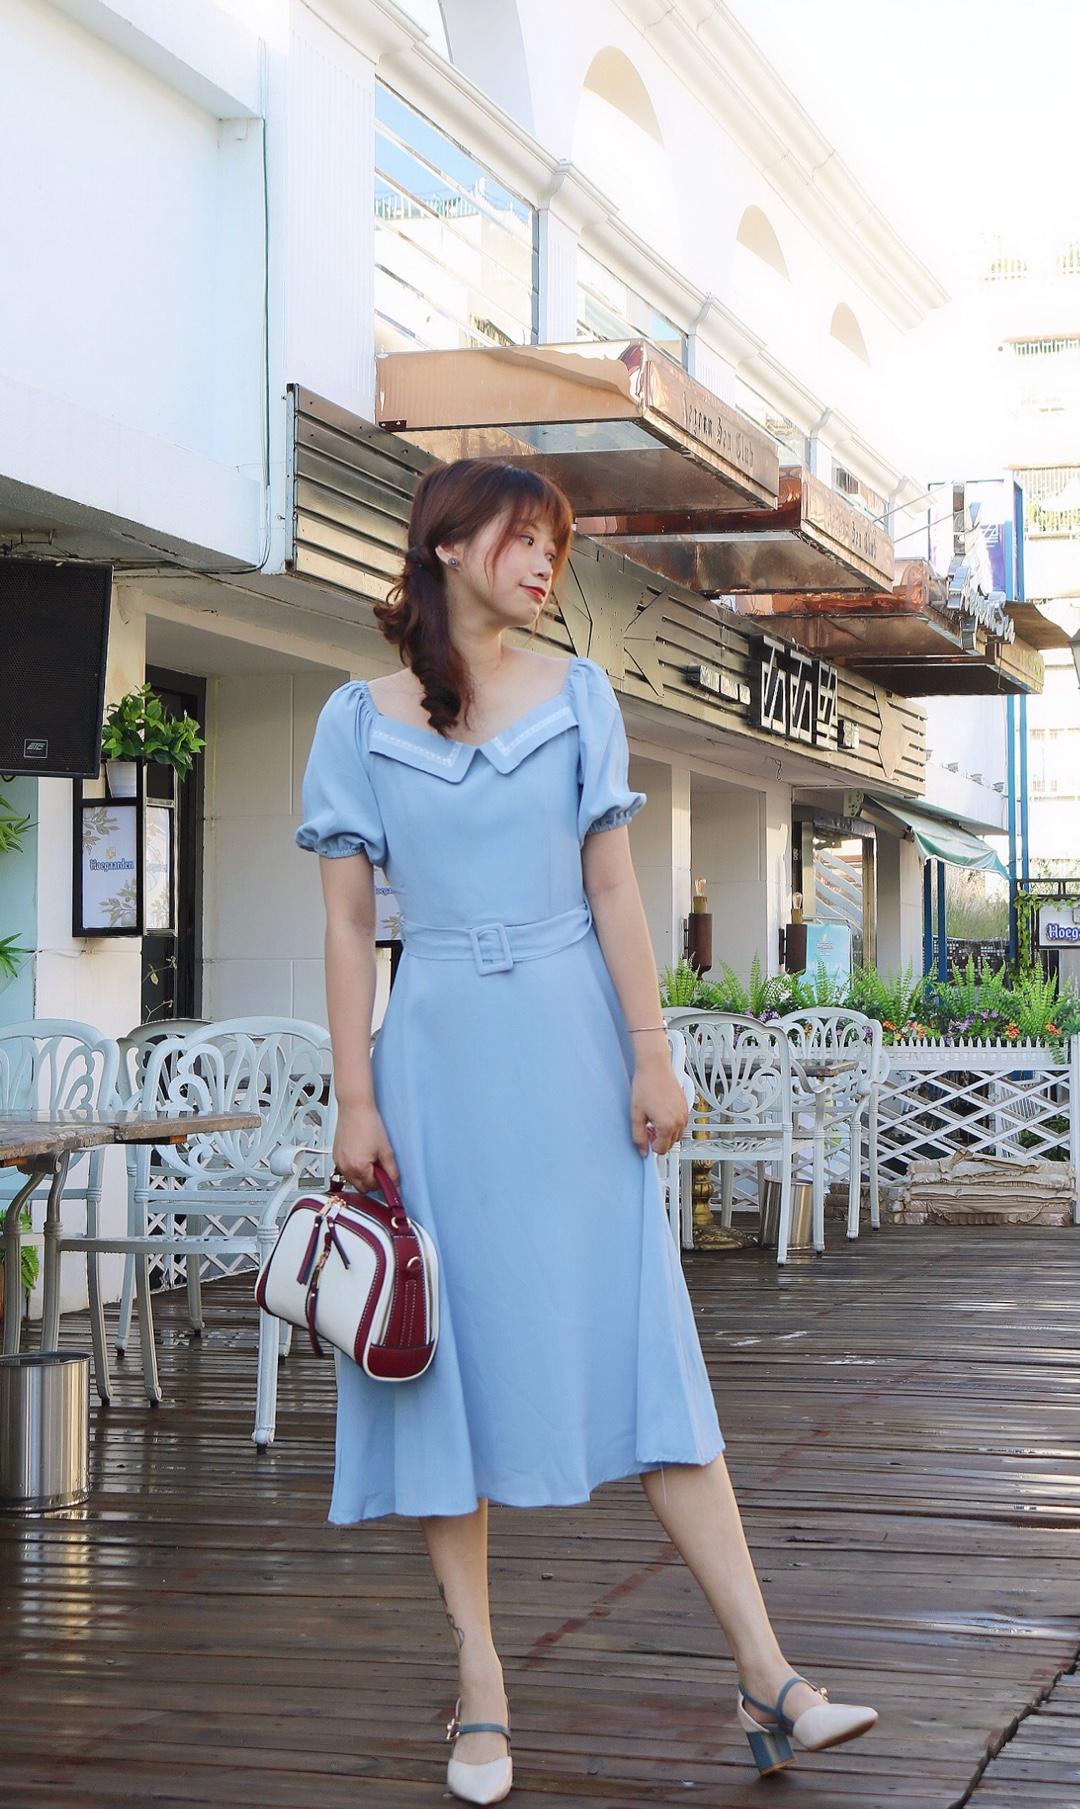 #法式穿搭,气质值+100!#  泡泡袖法式长裙真的是气质款 胸前小翻领温柔气质加分 腰间腰带显腰线而且显高 蓝色颜色比较特别 搭配同色系高跟 适合上班约会 一条裙子就能出门的look